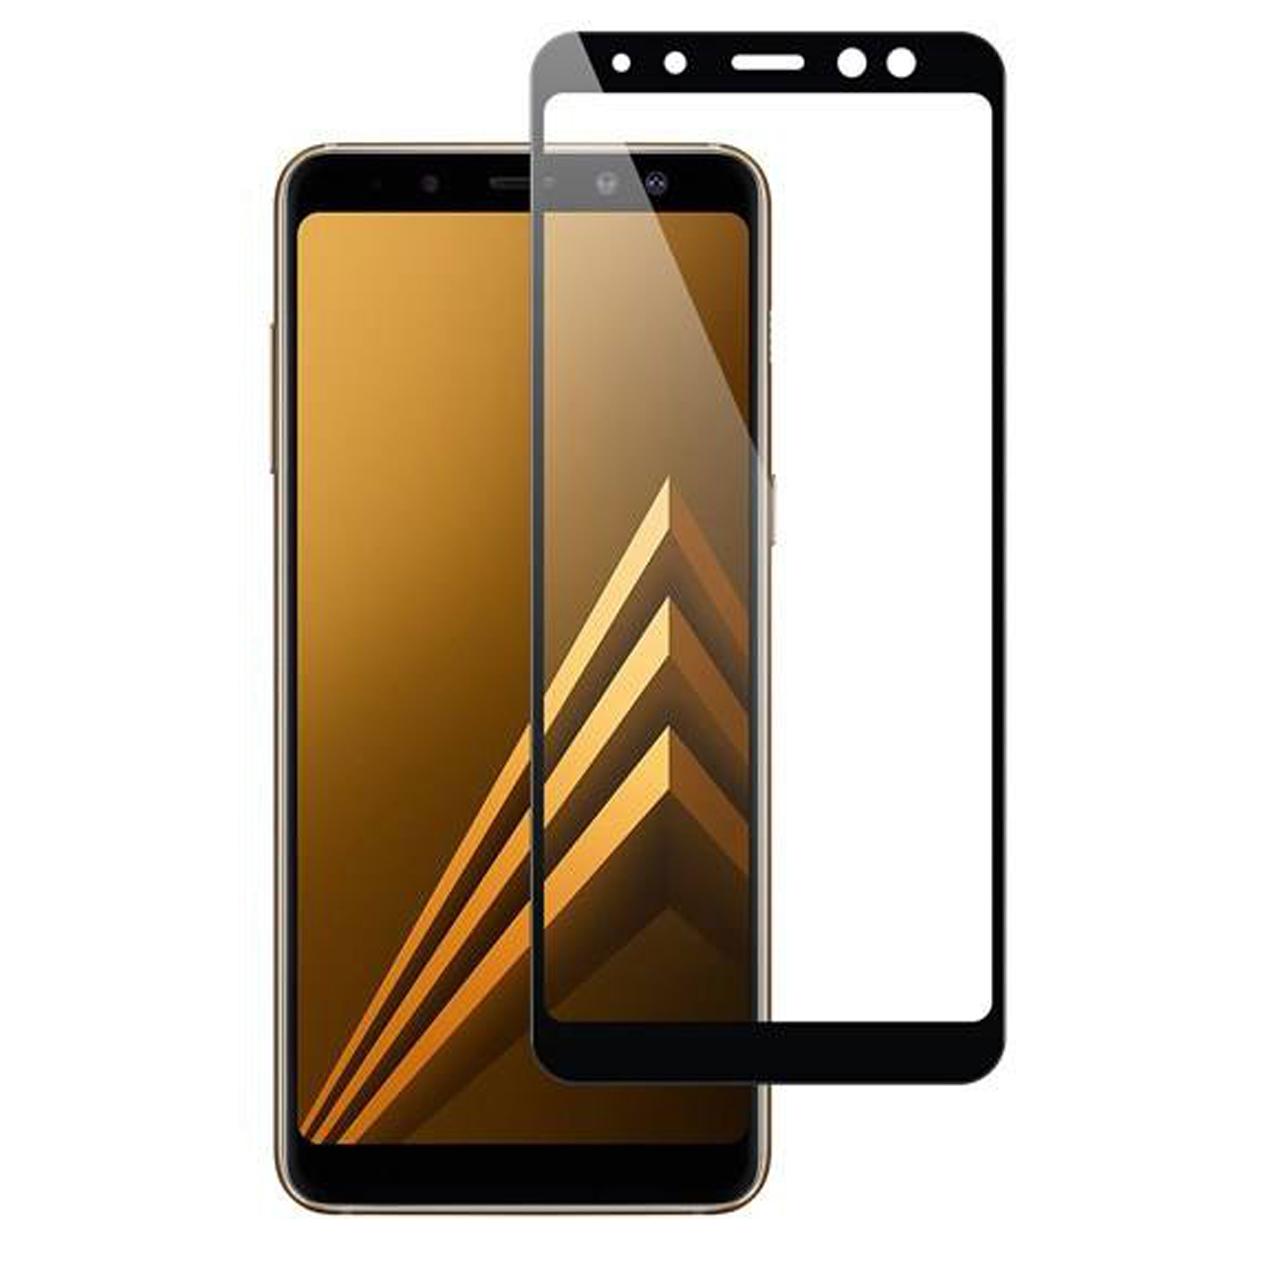 محافظ صفحه نمایش یونیفا مدل نانو مناسب برای گوشی موبایل سامسونگ Galaxy A8 2018 / A530